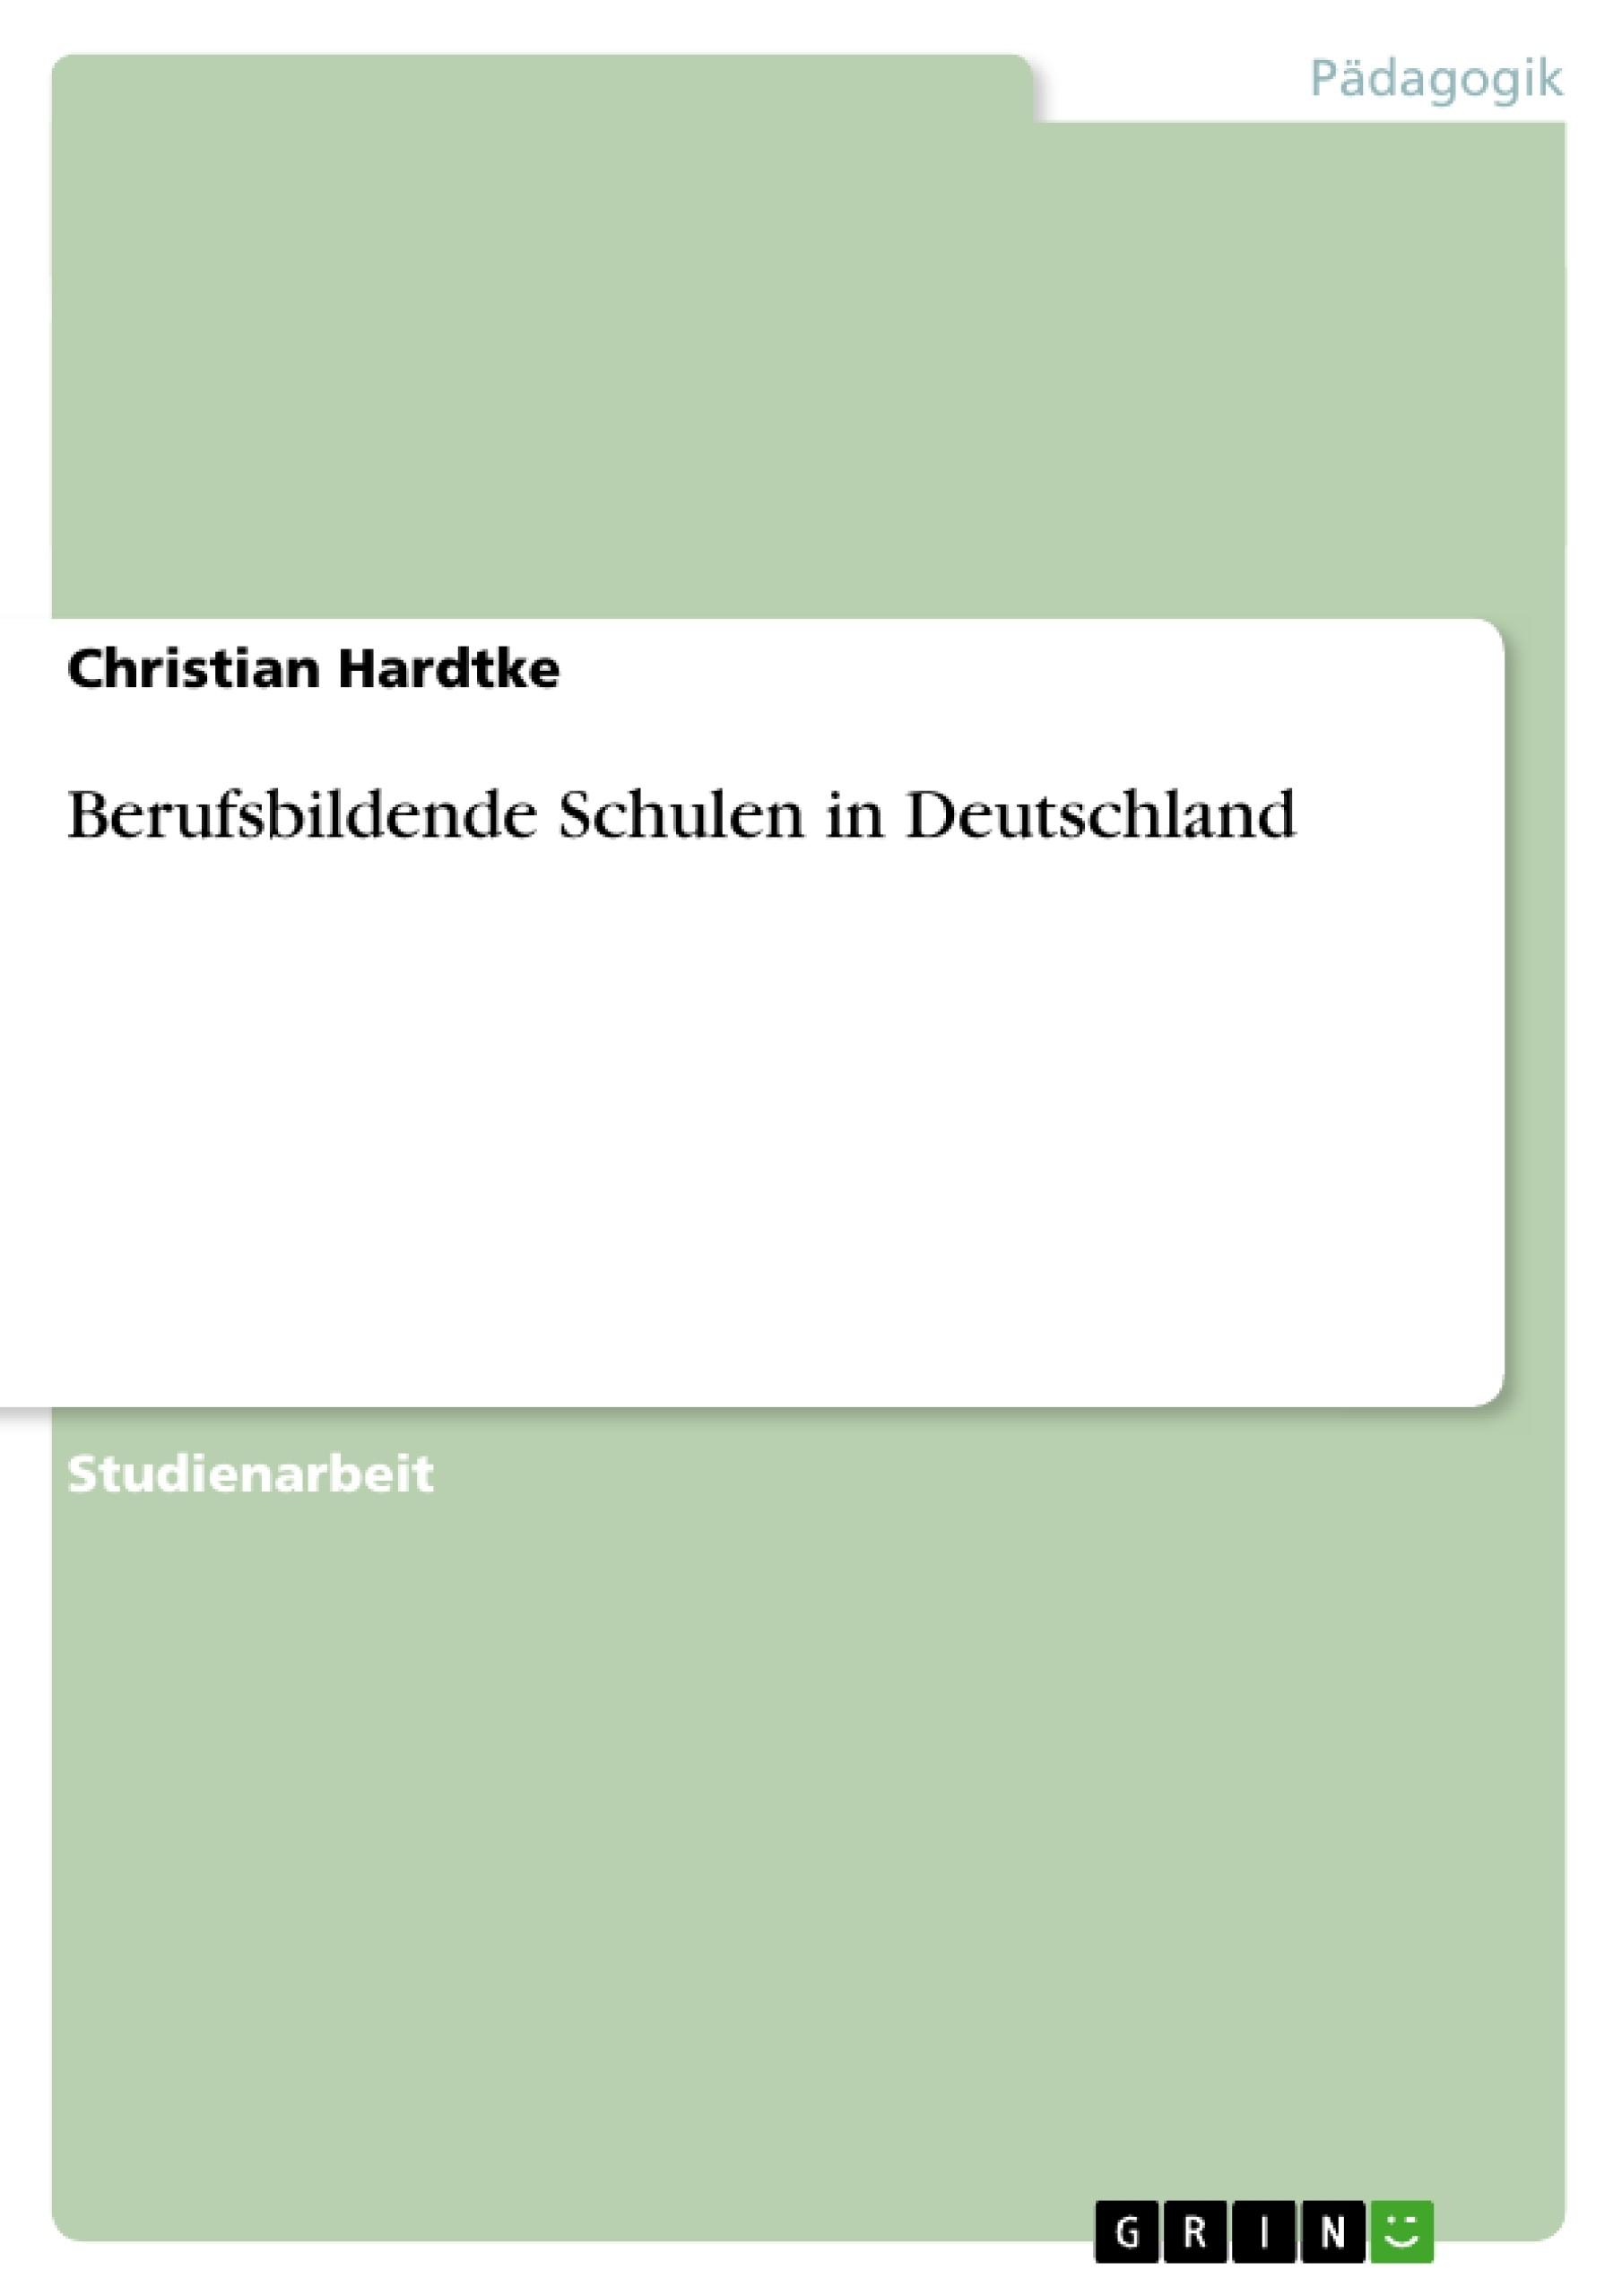 Titel: Berufsbildende Schulen in Deutschland